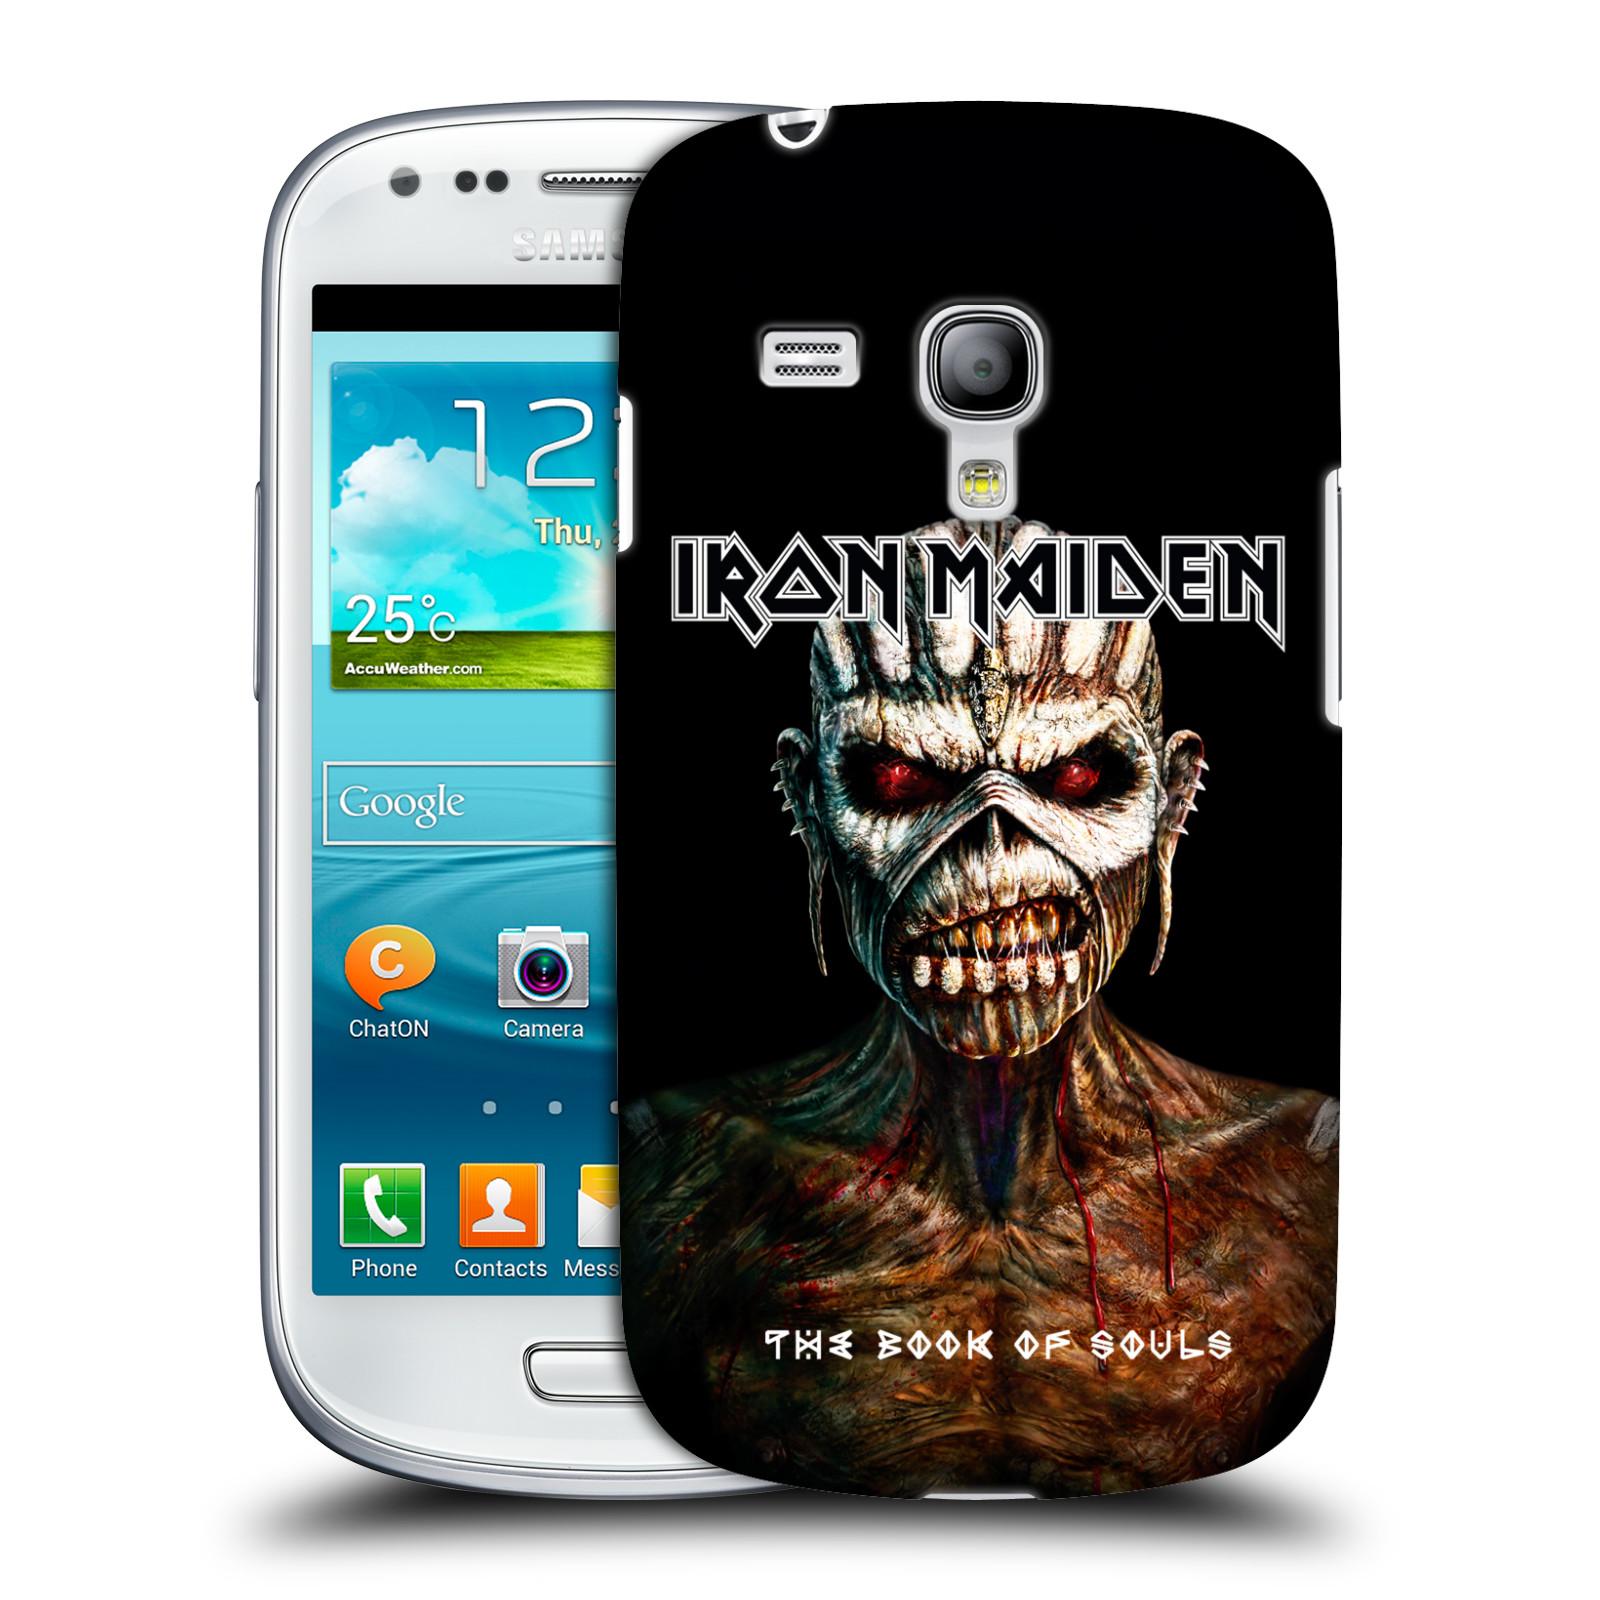 Silikonové pouzdro na mobil Samsung Galaxy S III Mini VE HEAD CASE - Iron Maiden - The Book Of Souls (Plastový kryt či obal na mobilní telefon s licencovaným motivem Iron Maiden Samsung Galaxy S3 Mini VE GT-i8200)